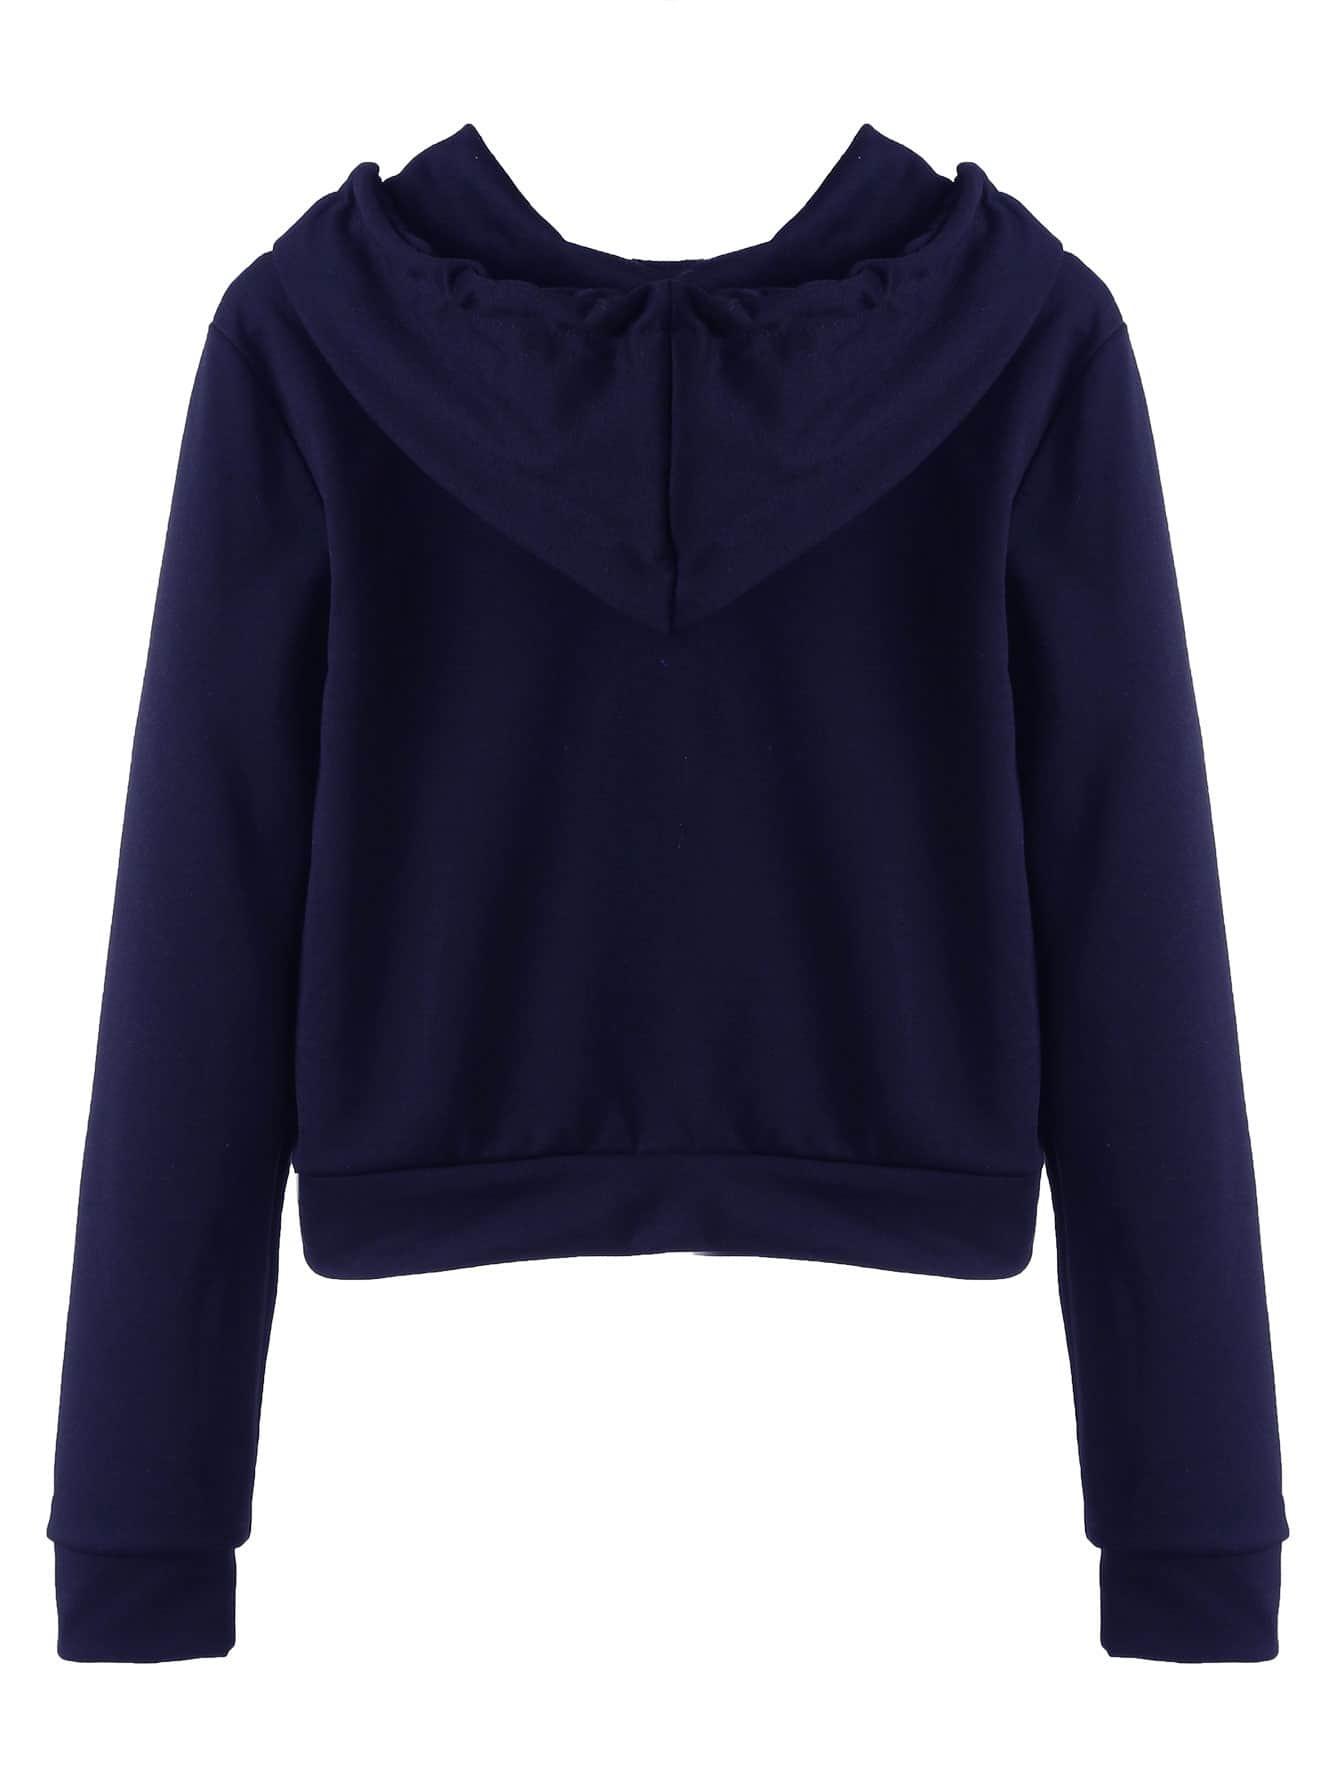 sweatshirt160905321_2